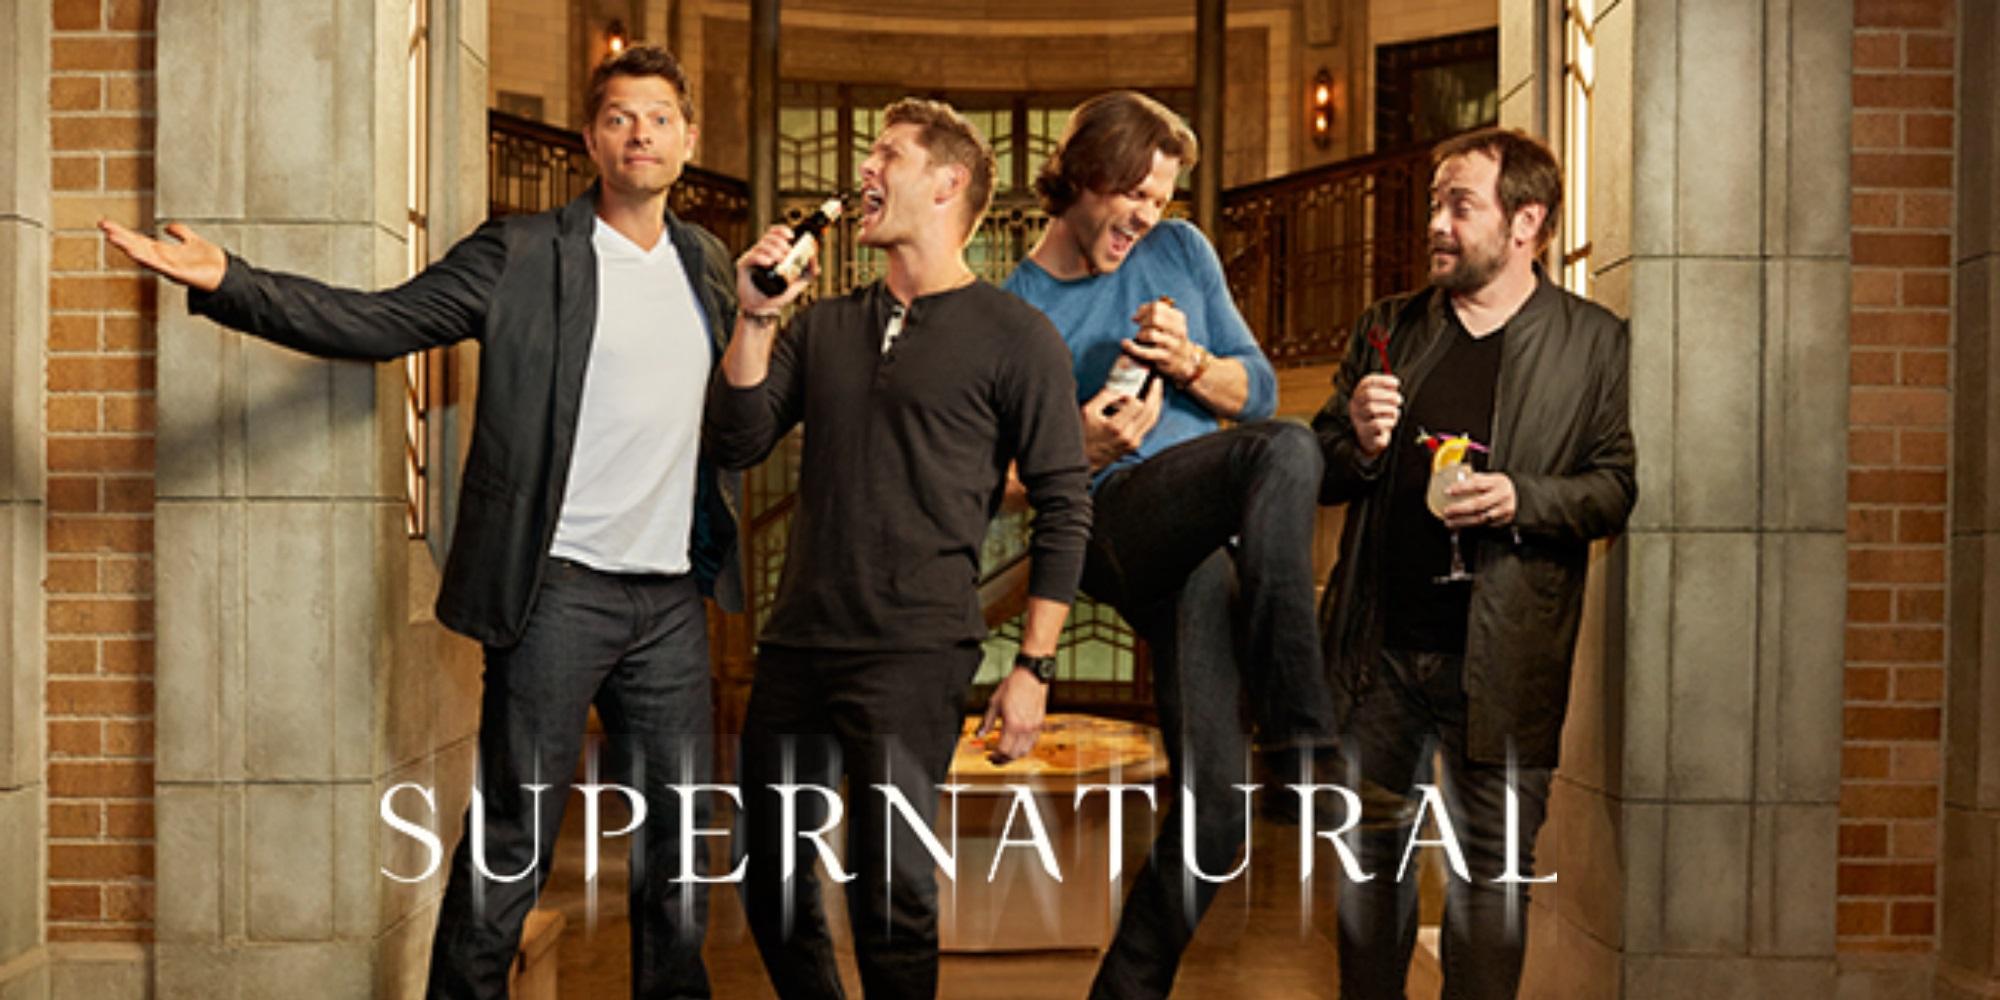 supernatural-12